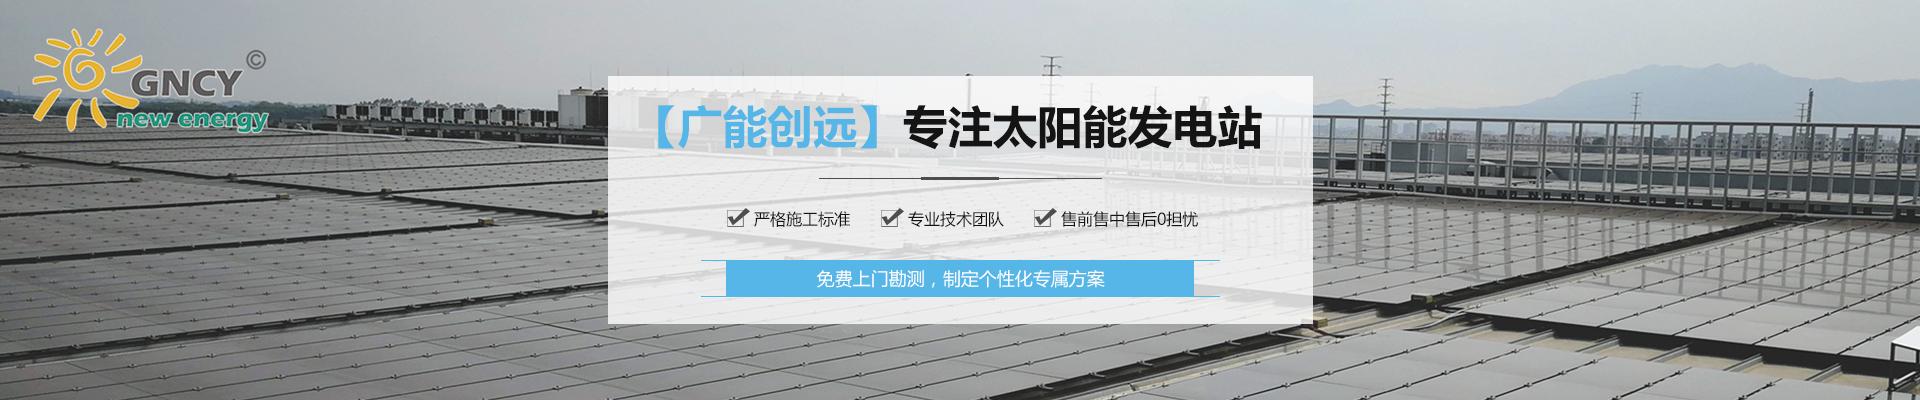 http://www.gncye.com.cn/data/upload/202008/20200804103950_680.jpg